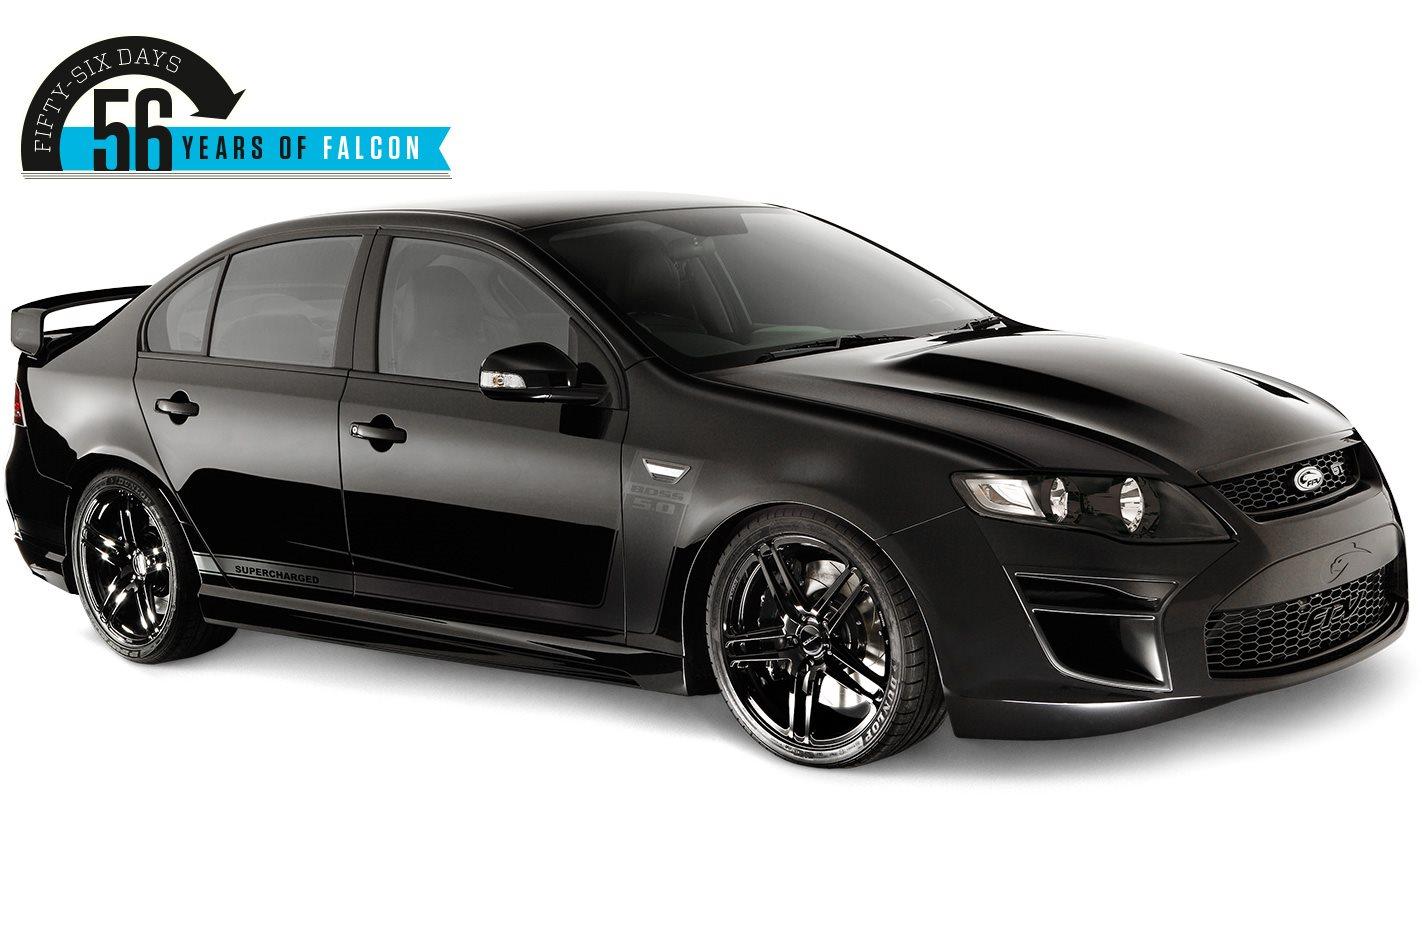 2011 Ford Falcon Fg Fpv Gt Concept